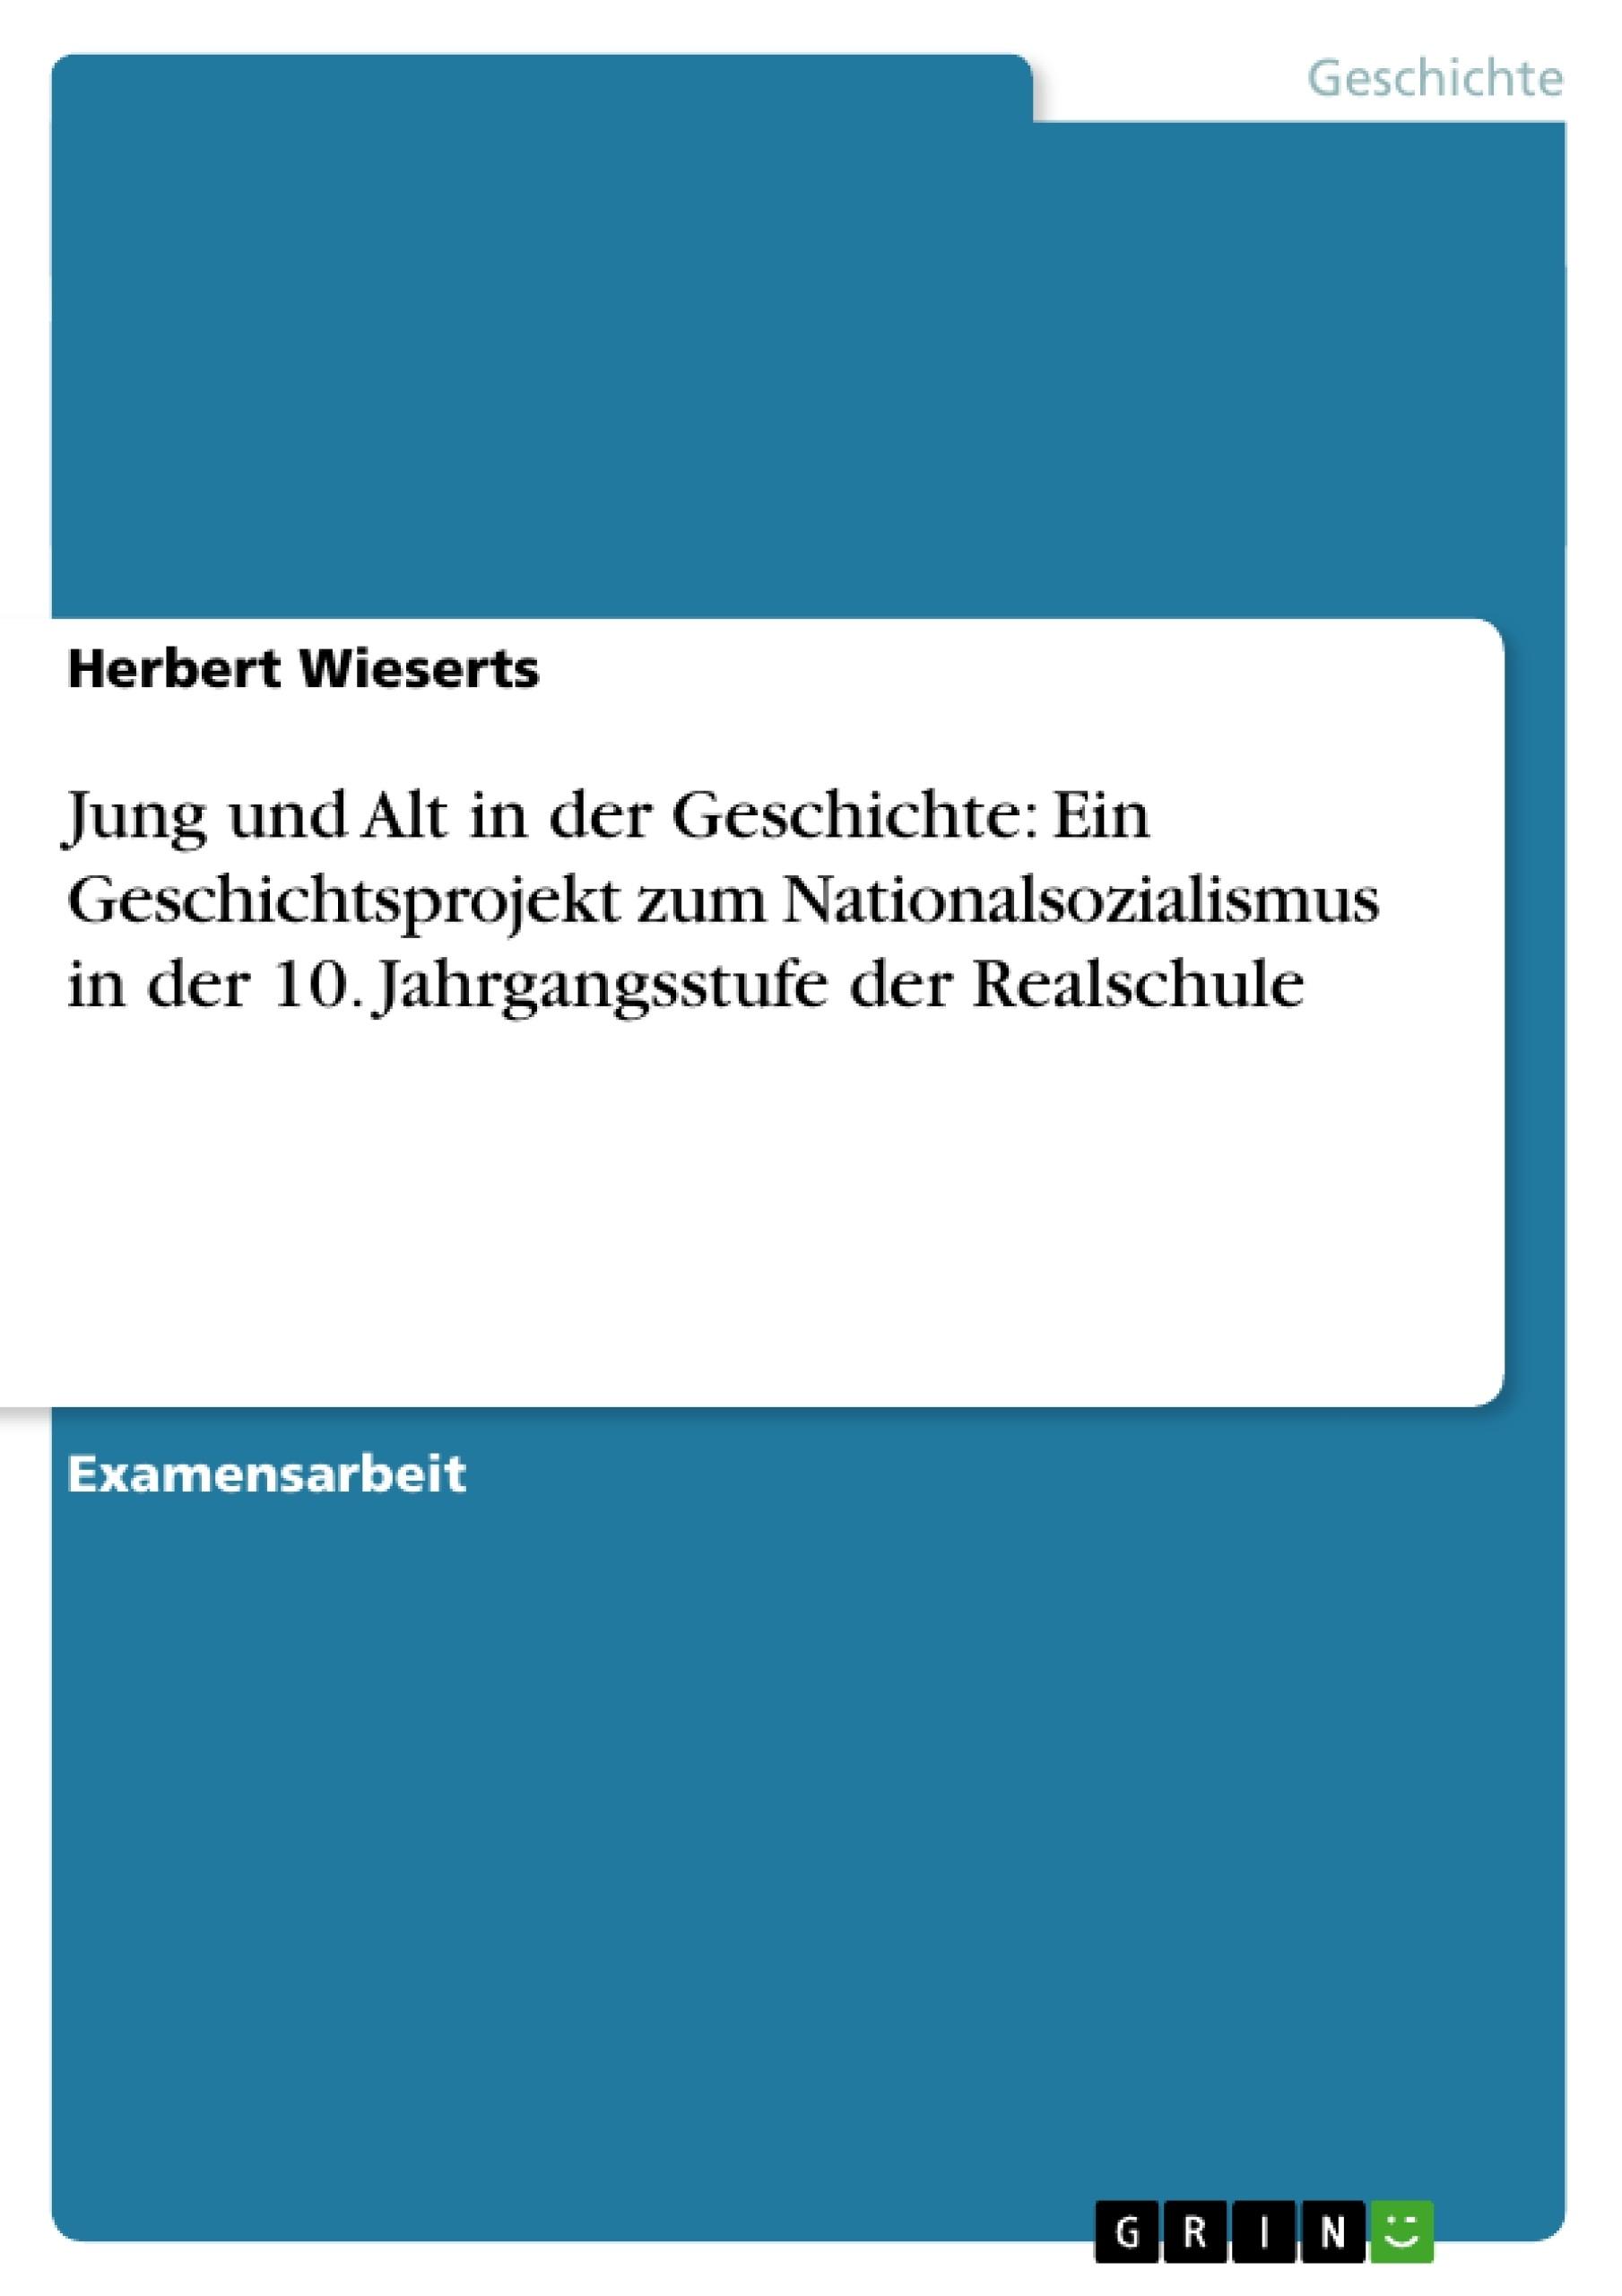 Titel: Jung und Alt in der Geschichte: Ein Geschichtsprojekt zum Nationalsozialismus in der 10. Jahrgangsstufe der Realschule